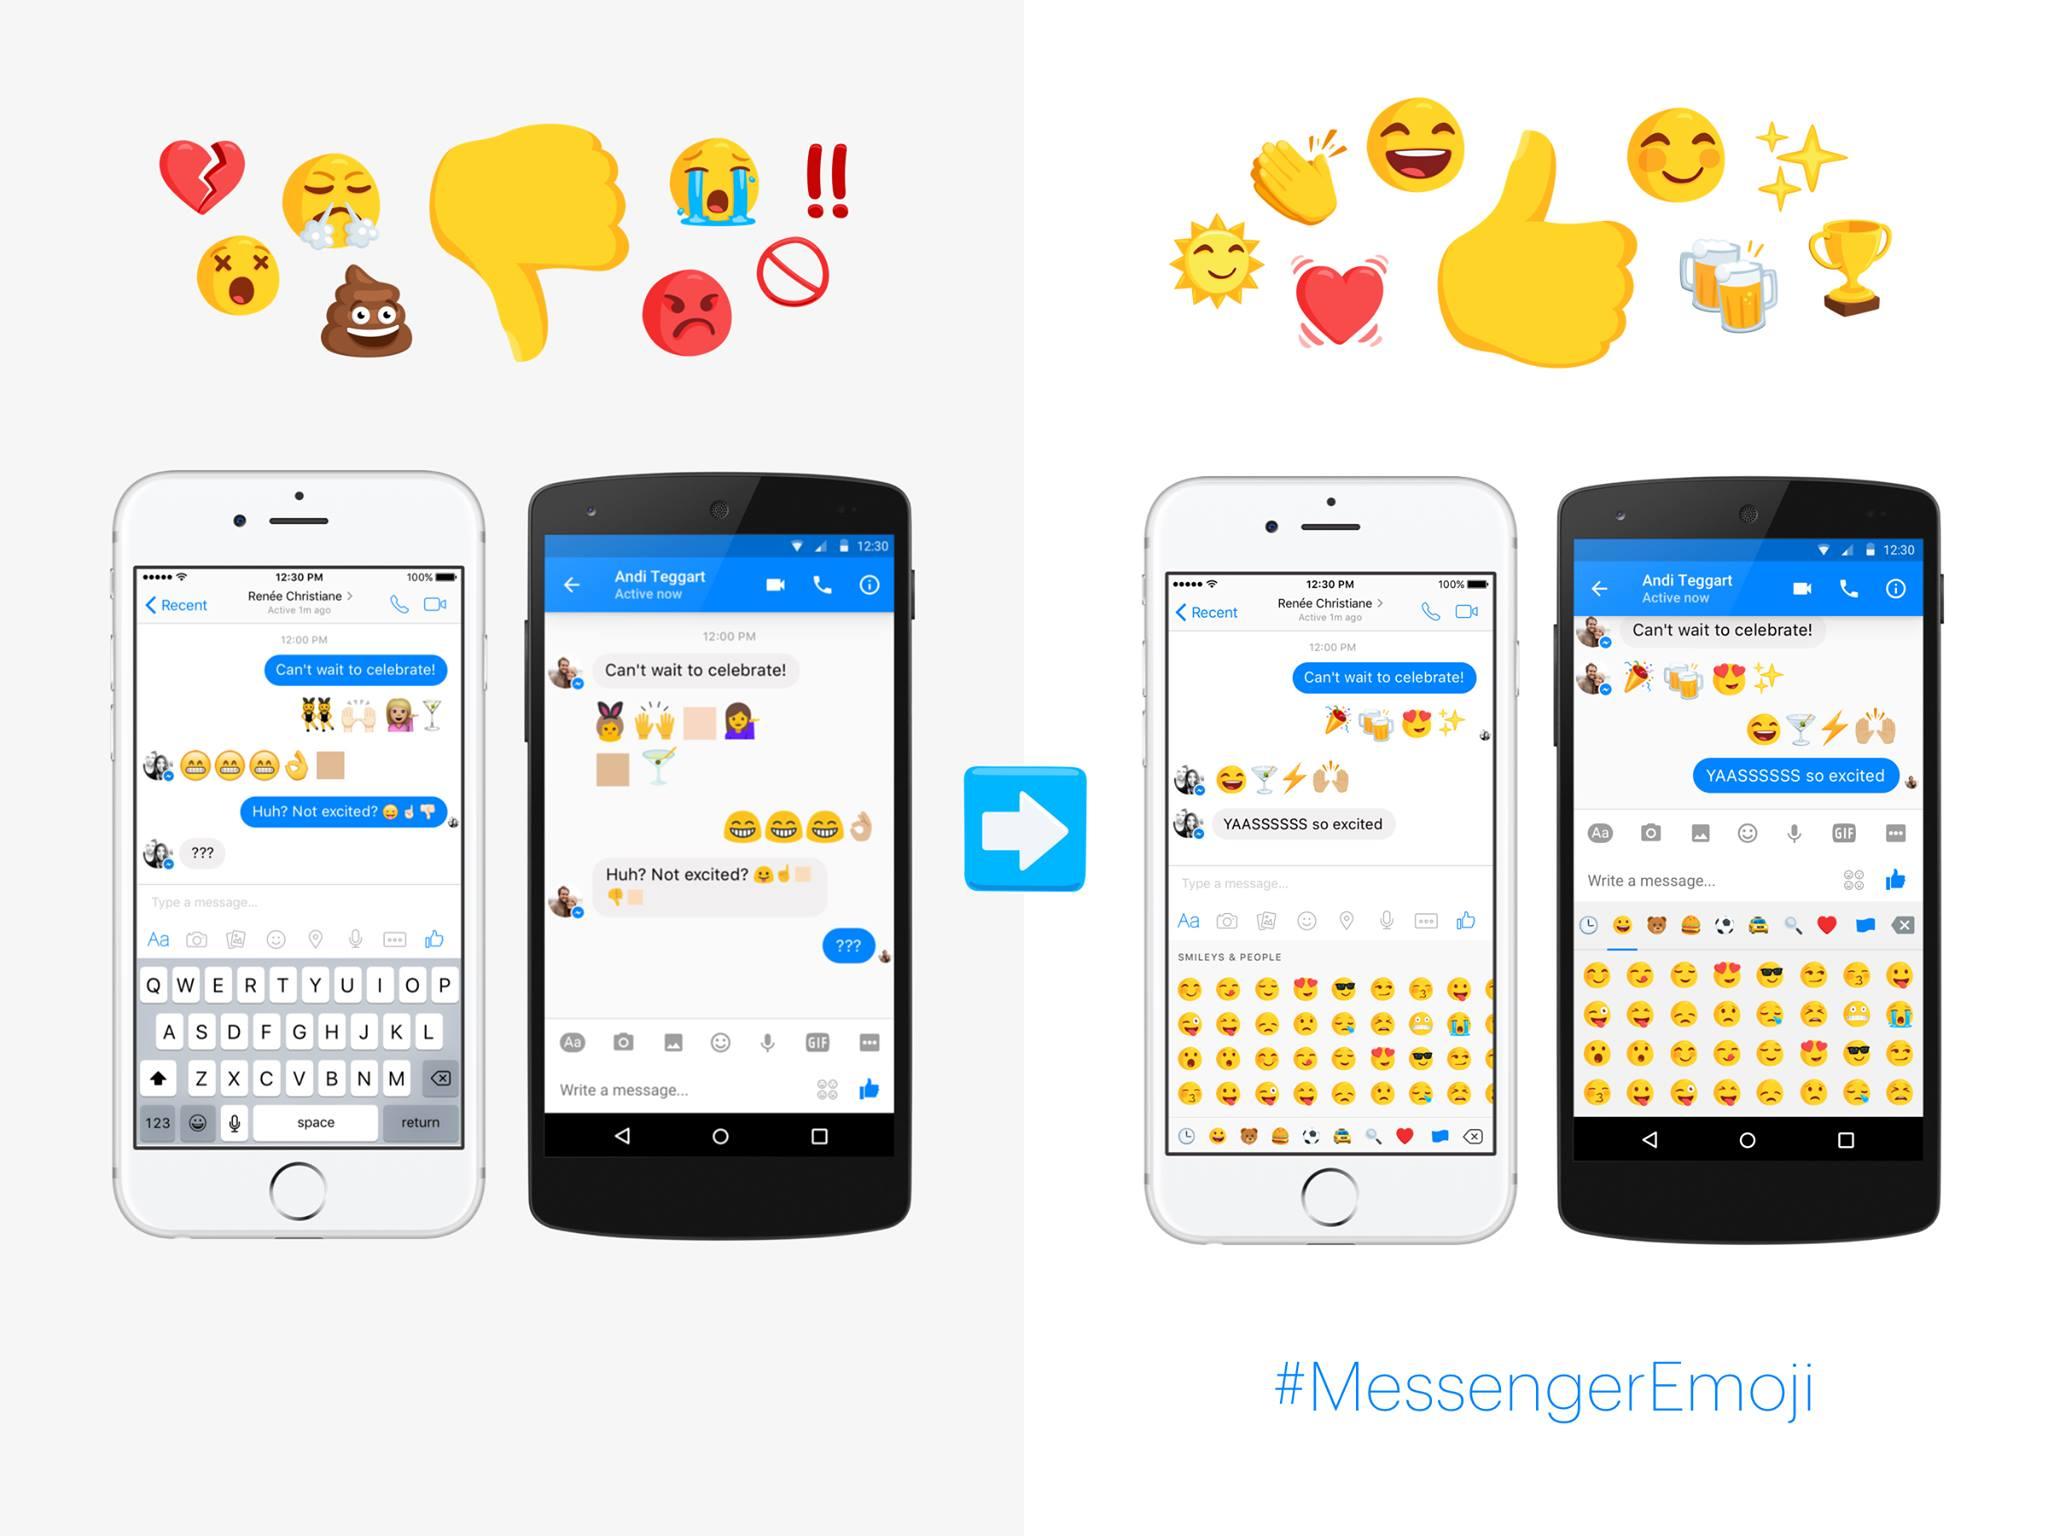 FAcebook Messenger emoji image 002